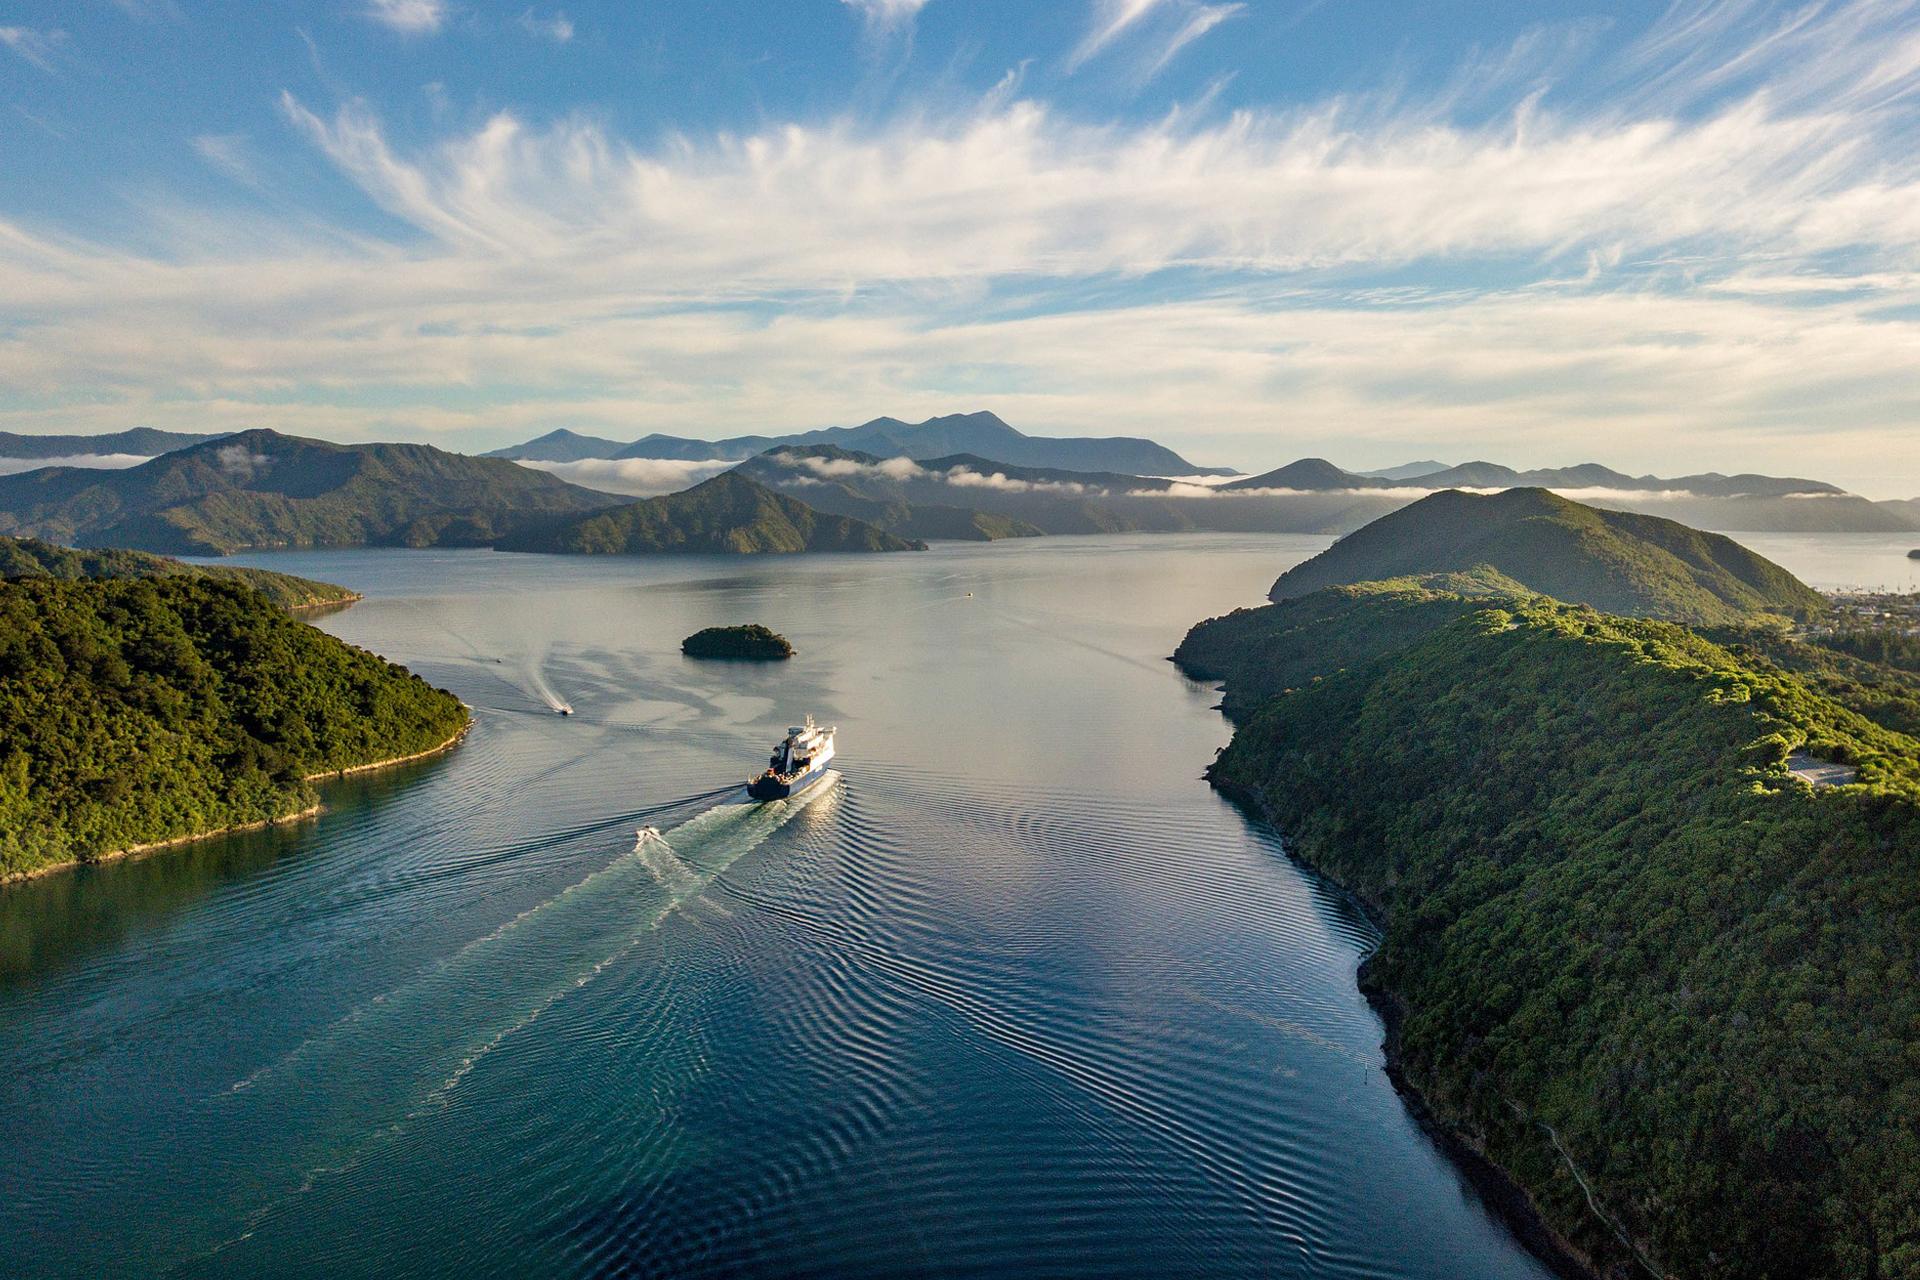 nieuw-zeeland rondreizen vergelijken